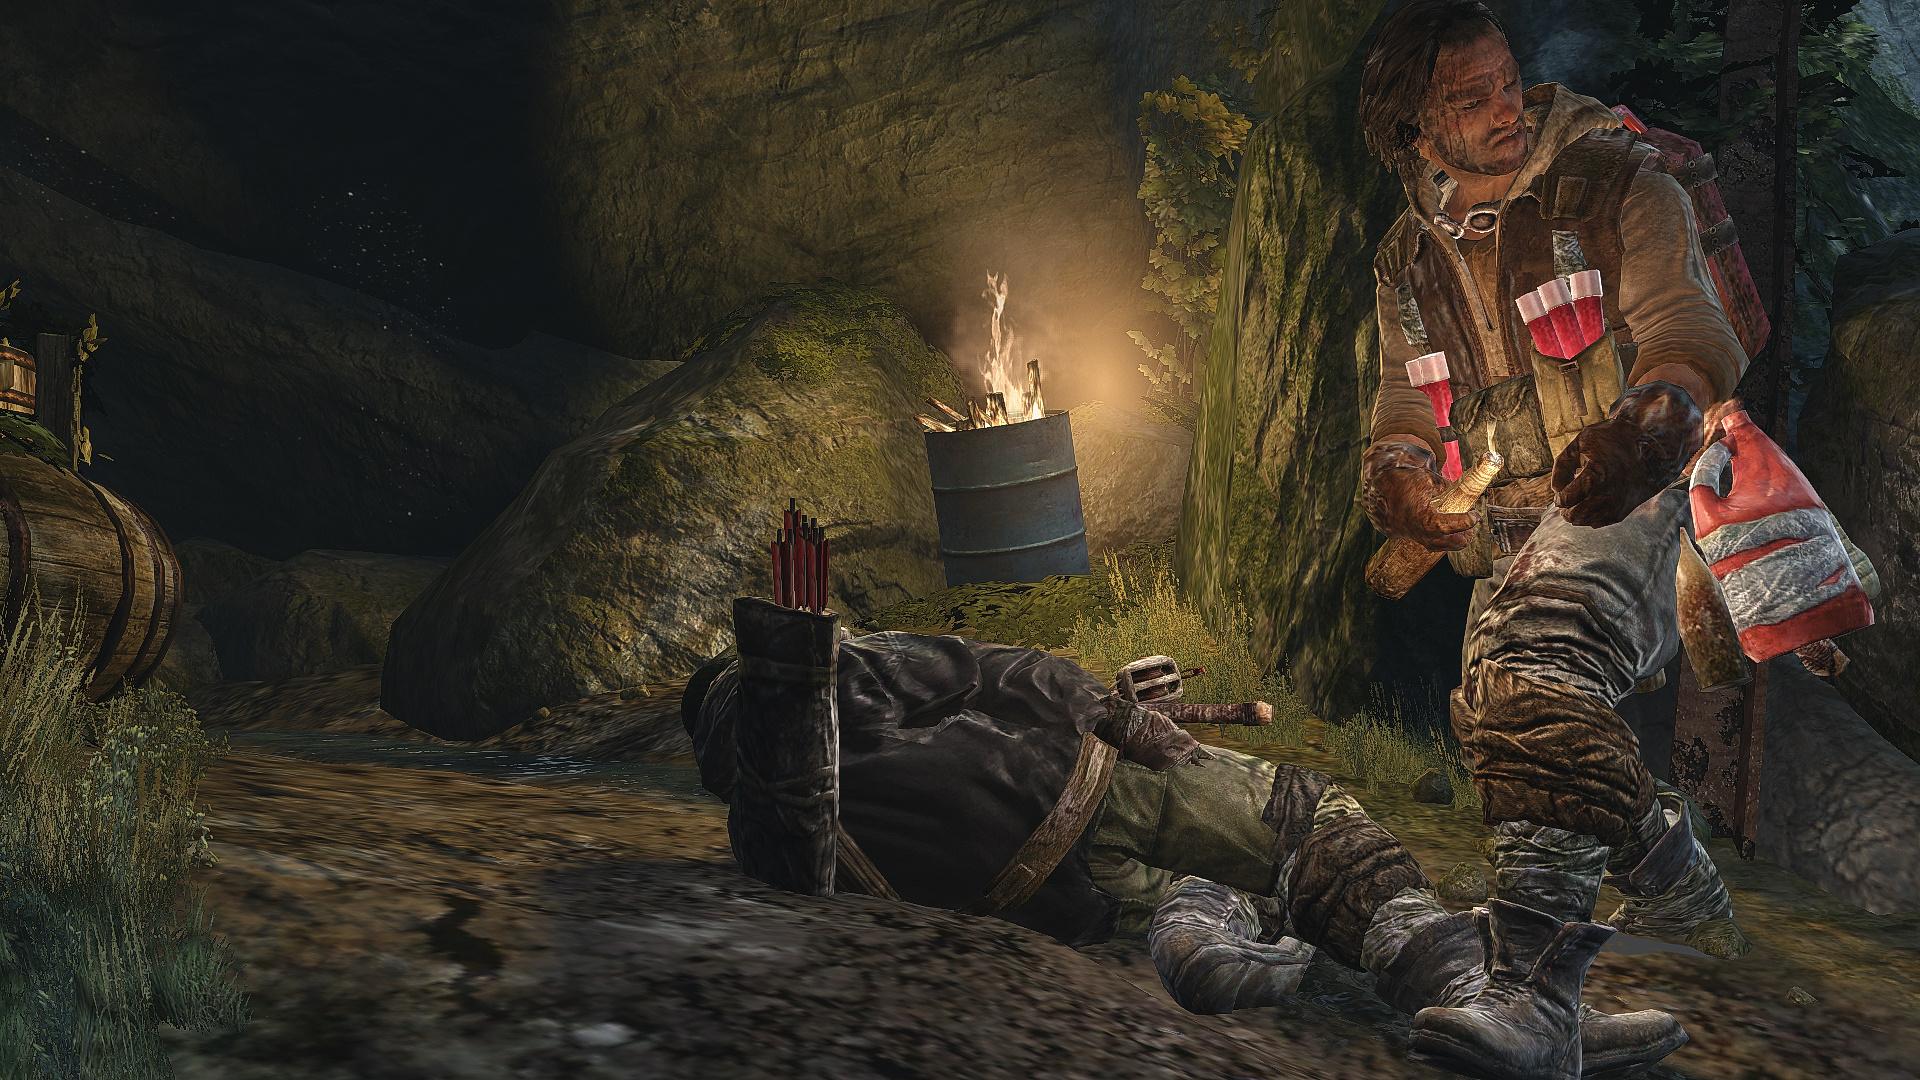 TombRaider 2017-02-26 21-41-29-820.jpg - Tomb Raider (2013)